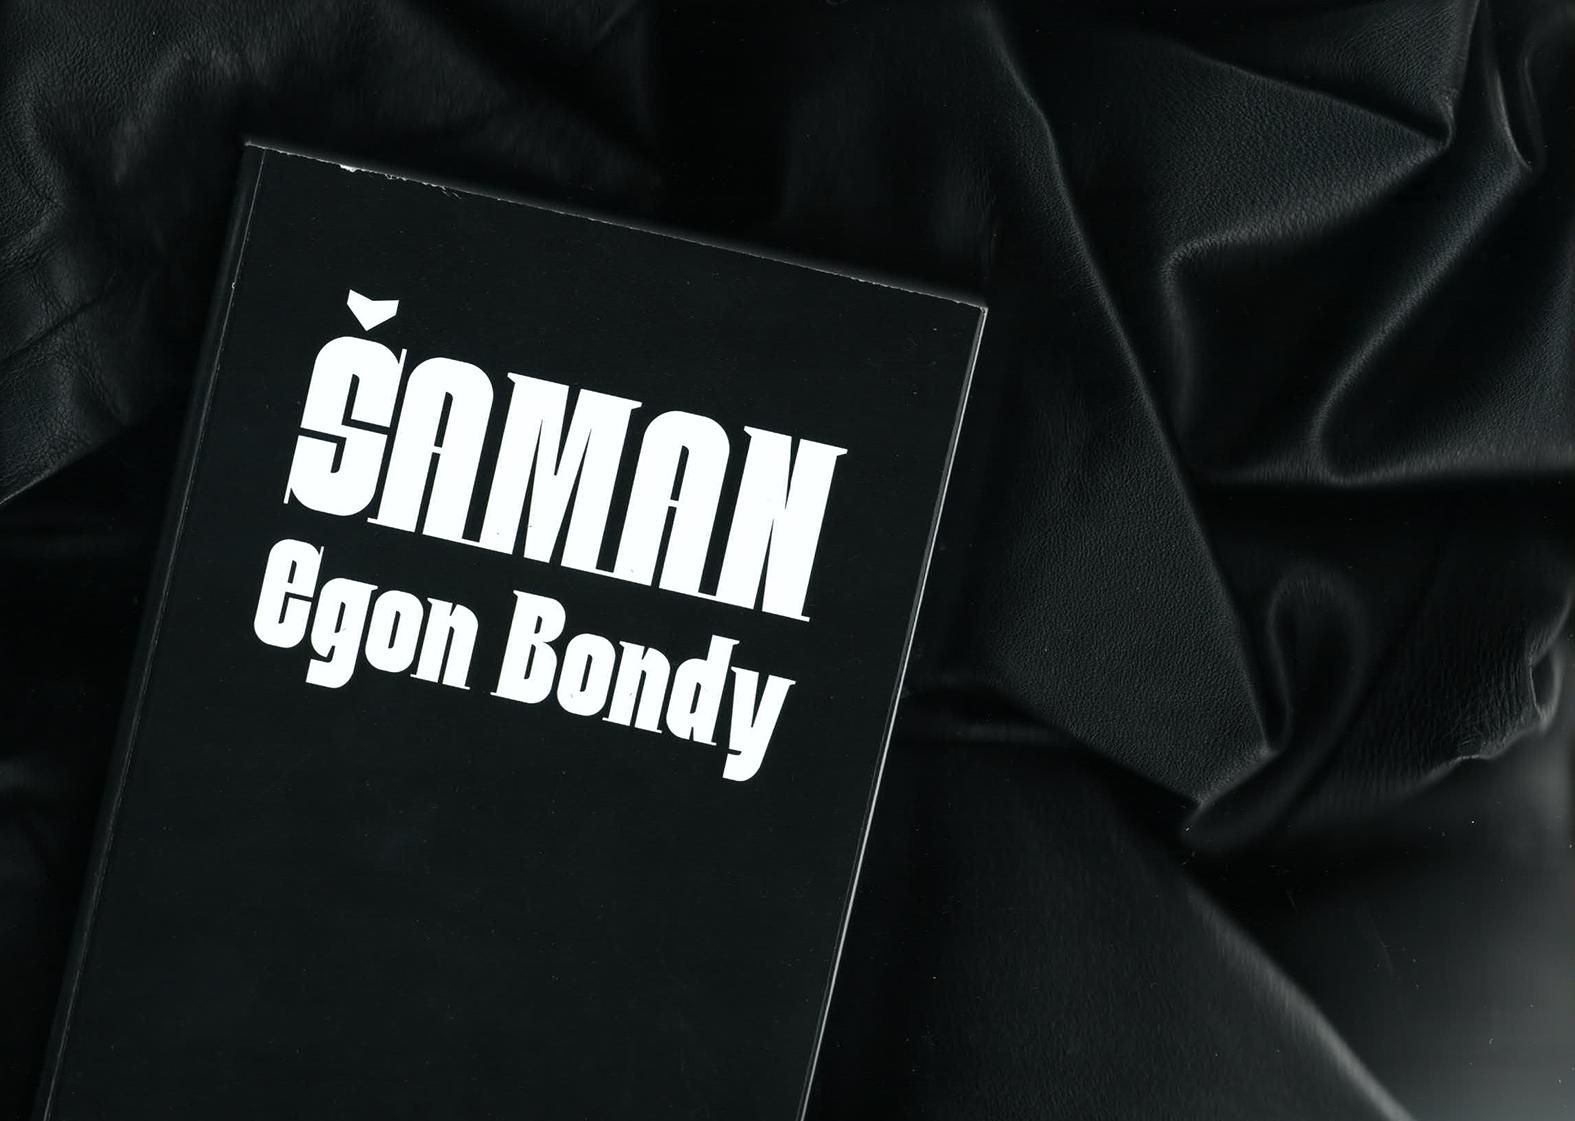 Egon Bondy<br>Šaman<br> P3b GPP<br> 2019/2020